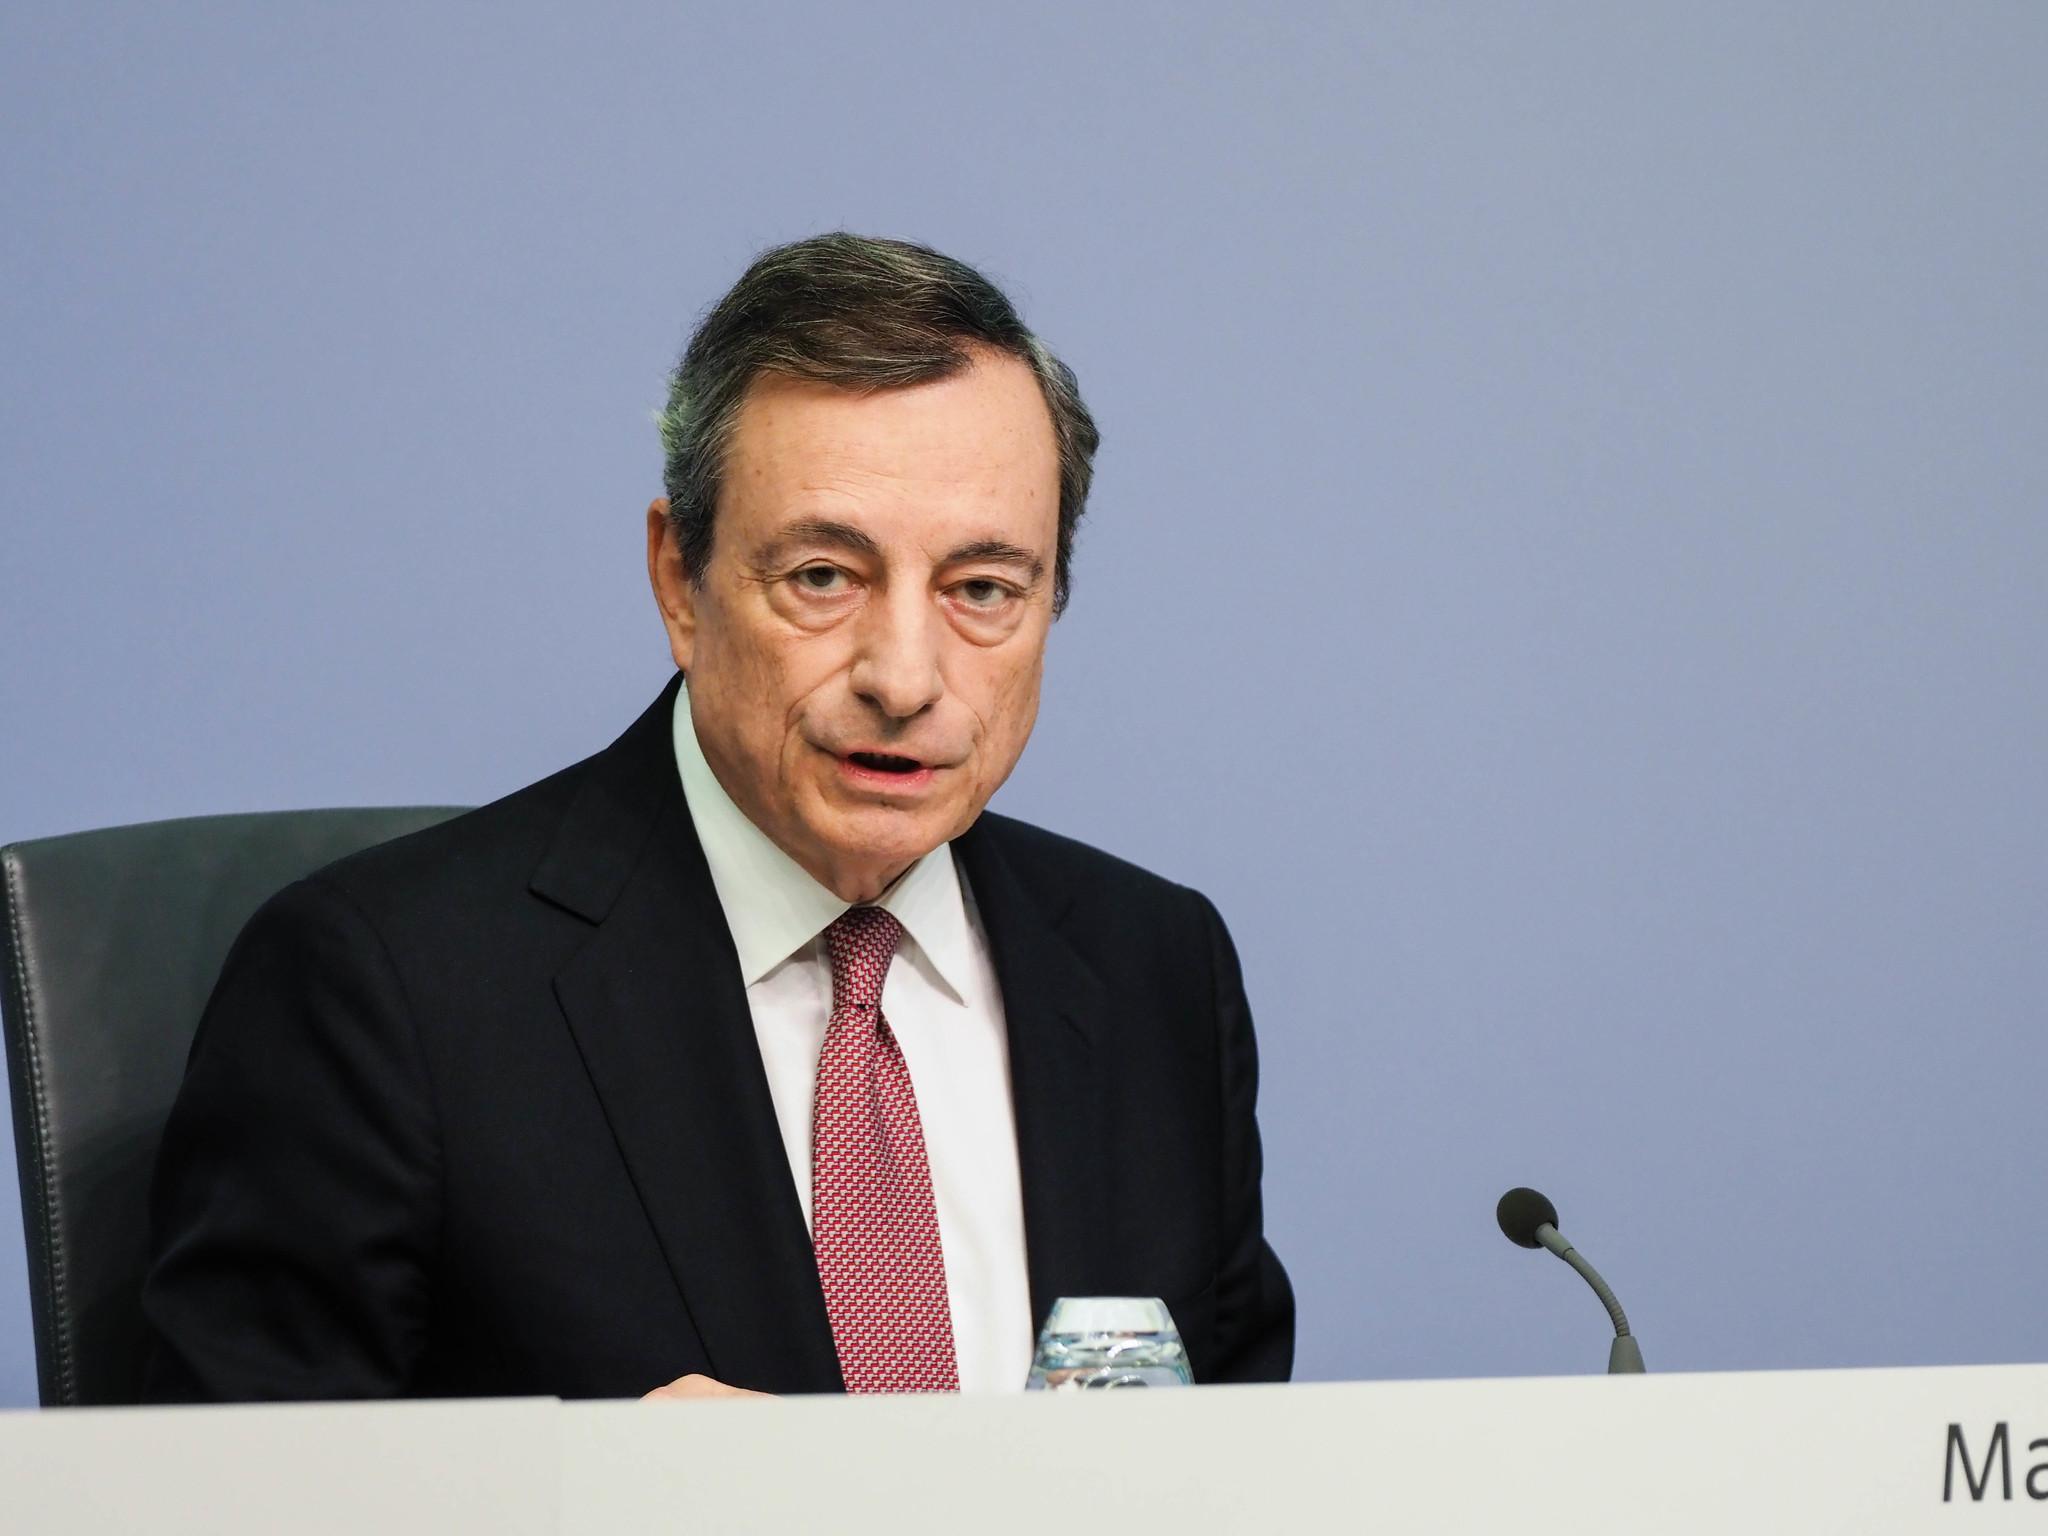 Governo Draghi: qualche opinione seria